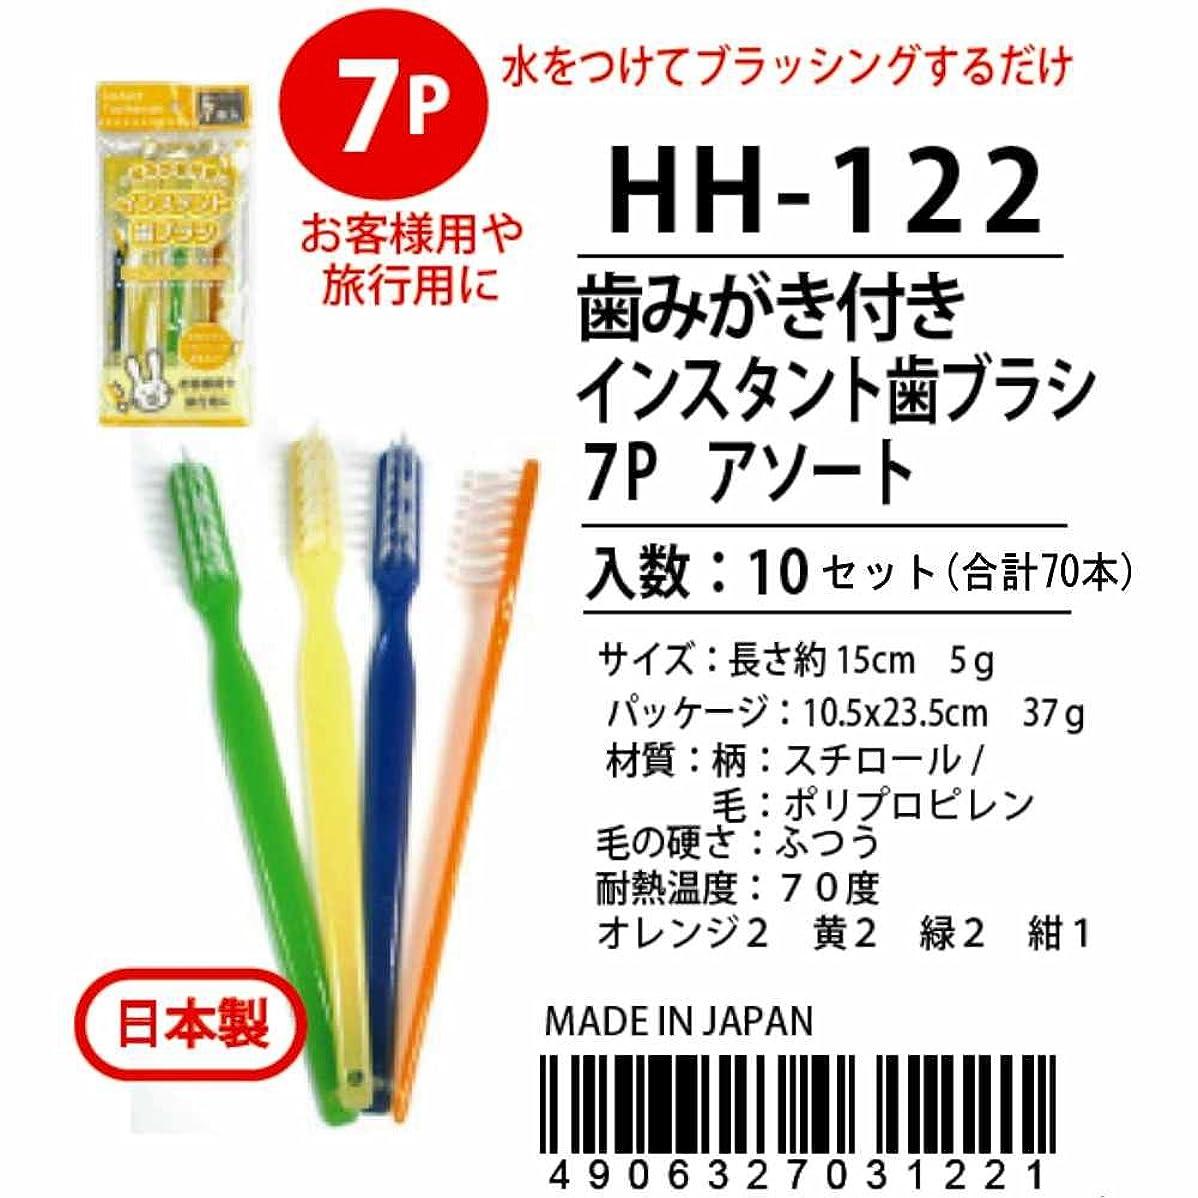 航空機限界トリッキースバル 歯みがき付きインスタント歯ブラシ7P アソート HH-122 【まとめ買い10個セット】